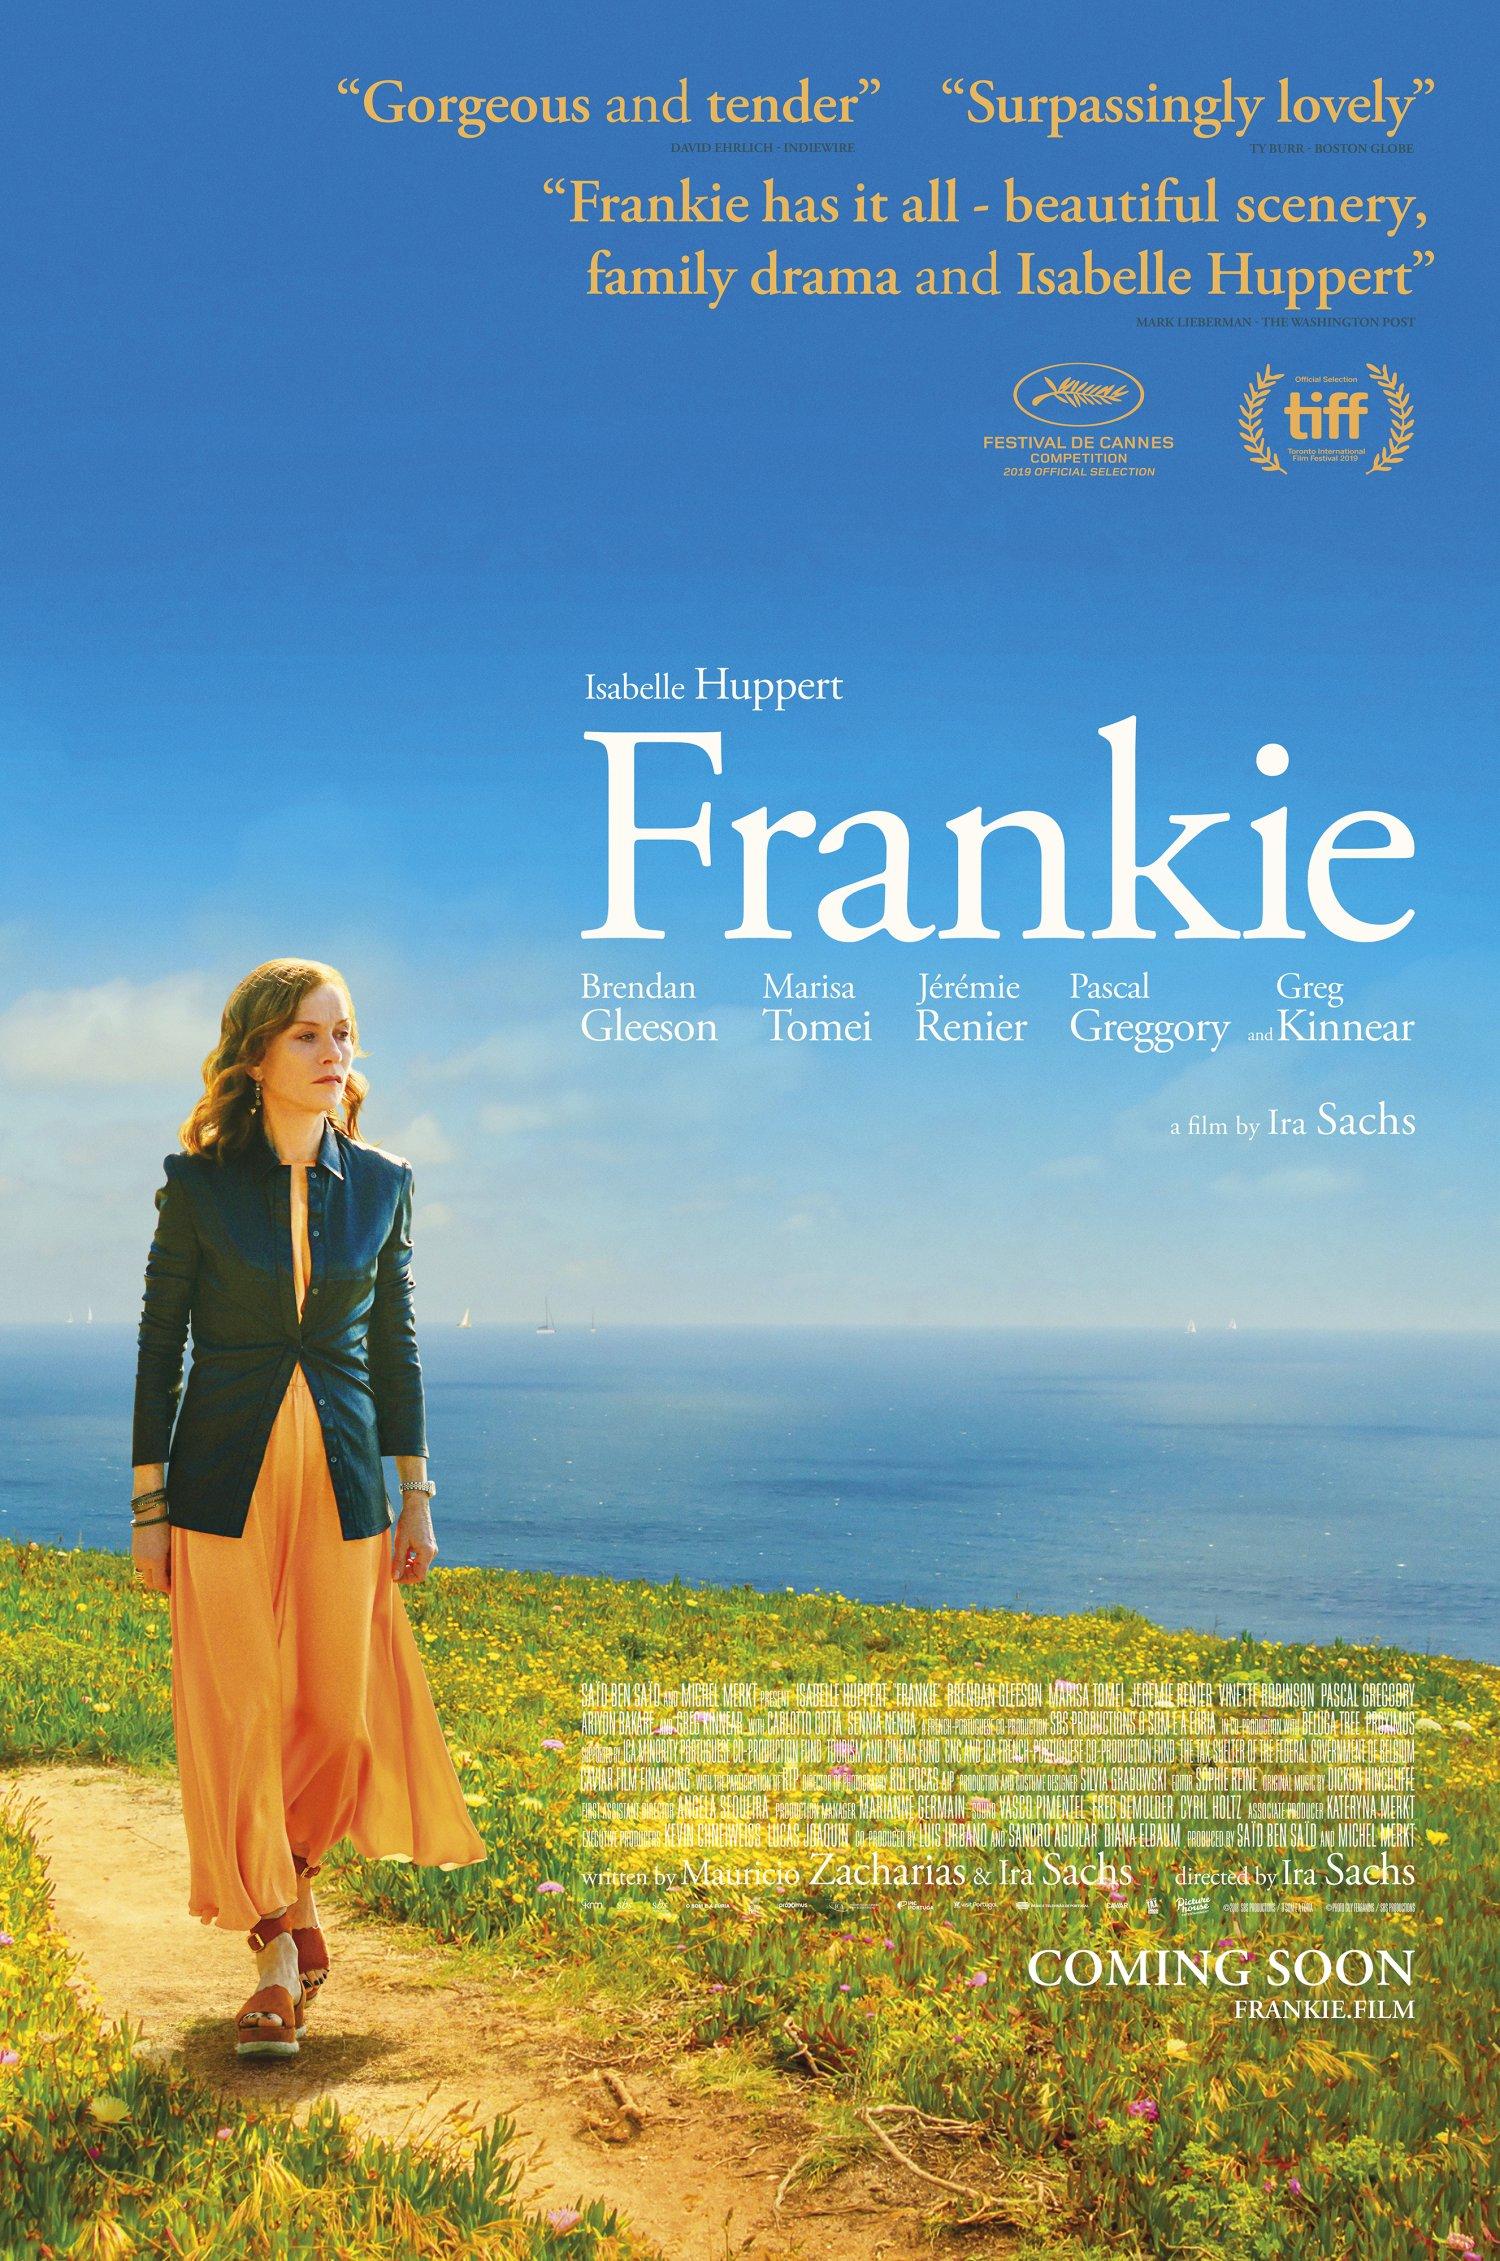 FRANKIE_1SHEET_UK_IN CINEMAS 28 MAY